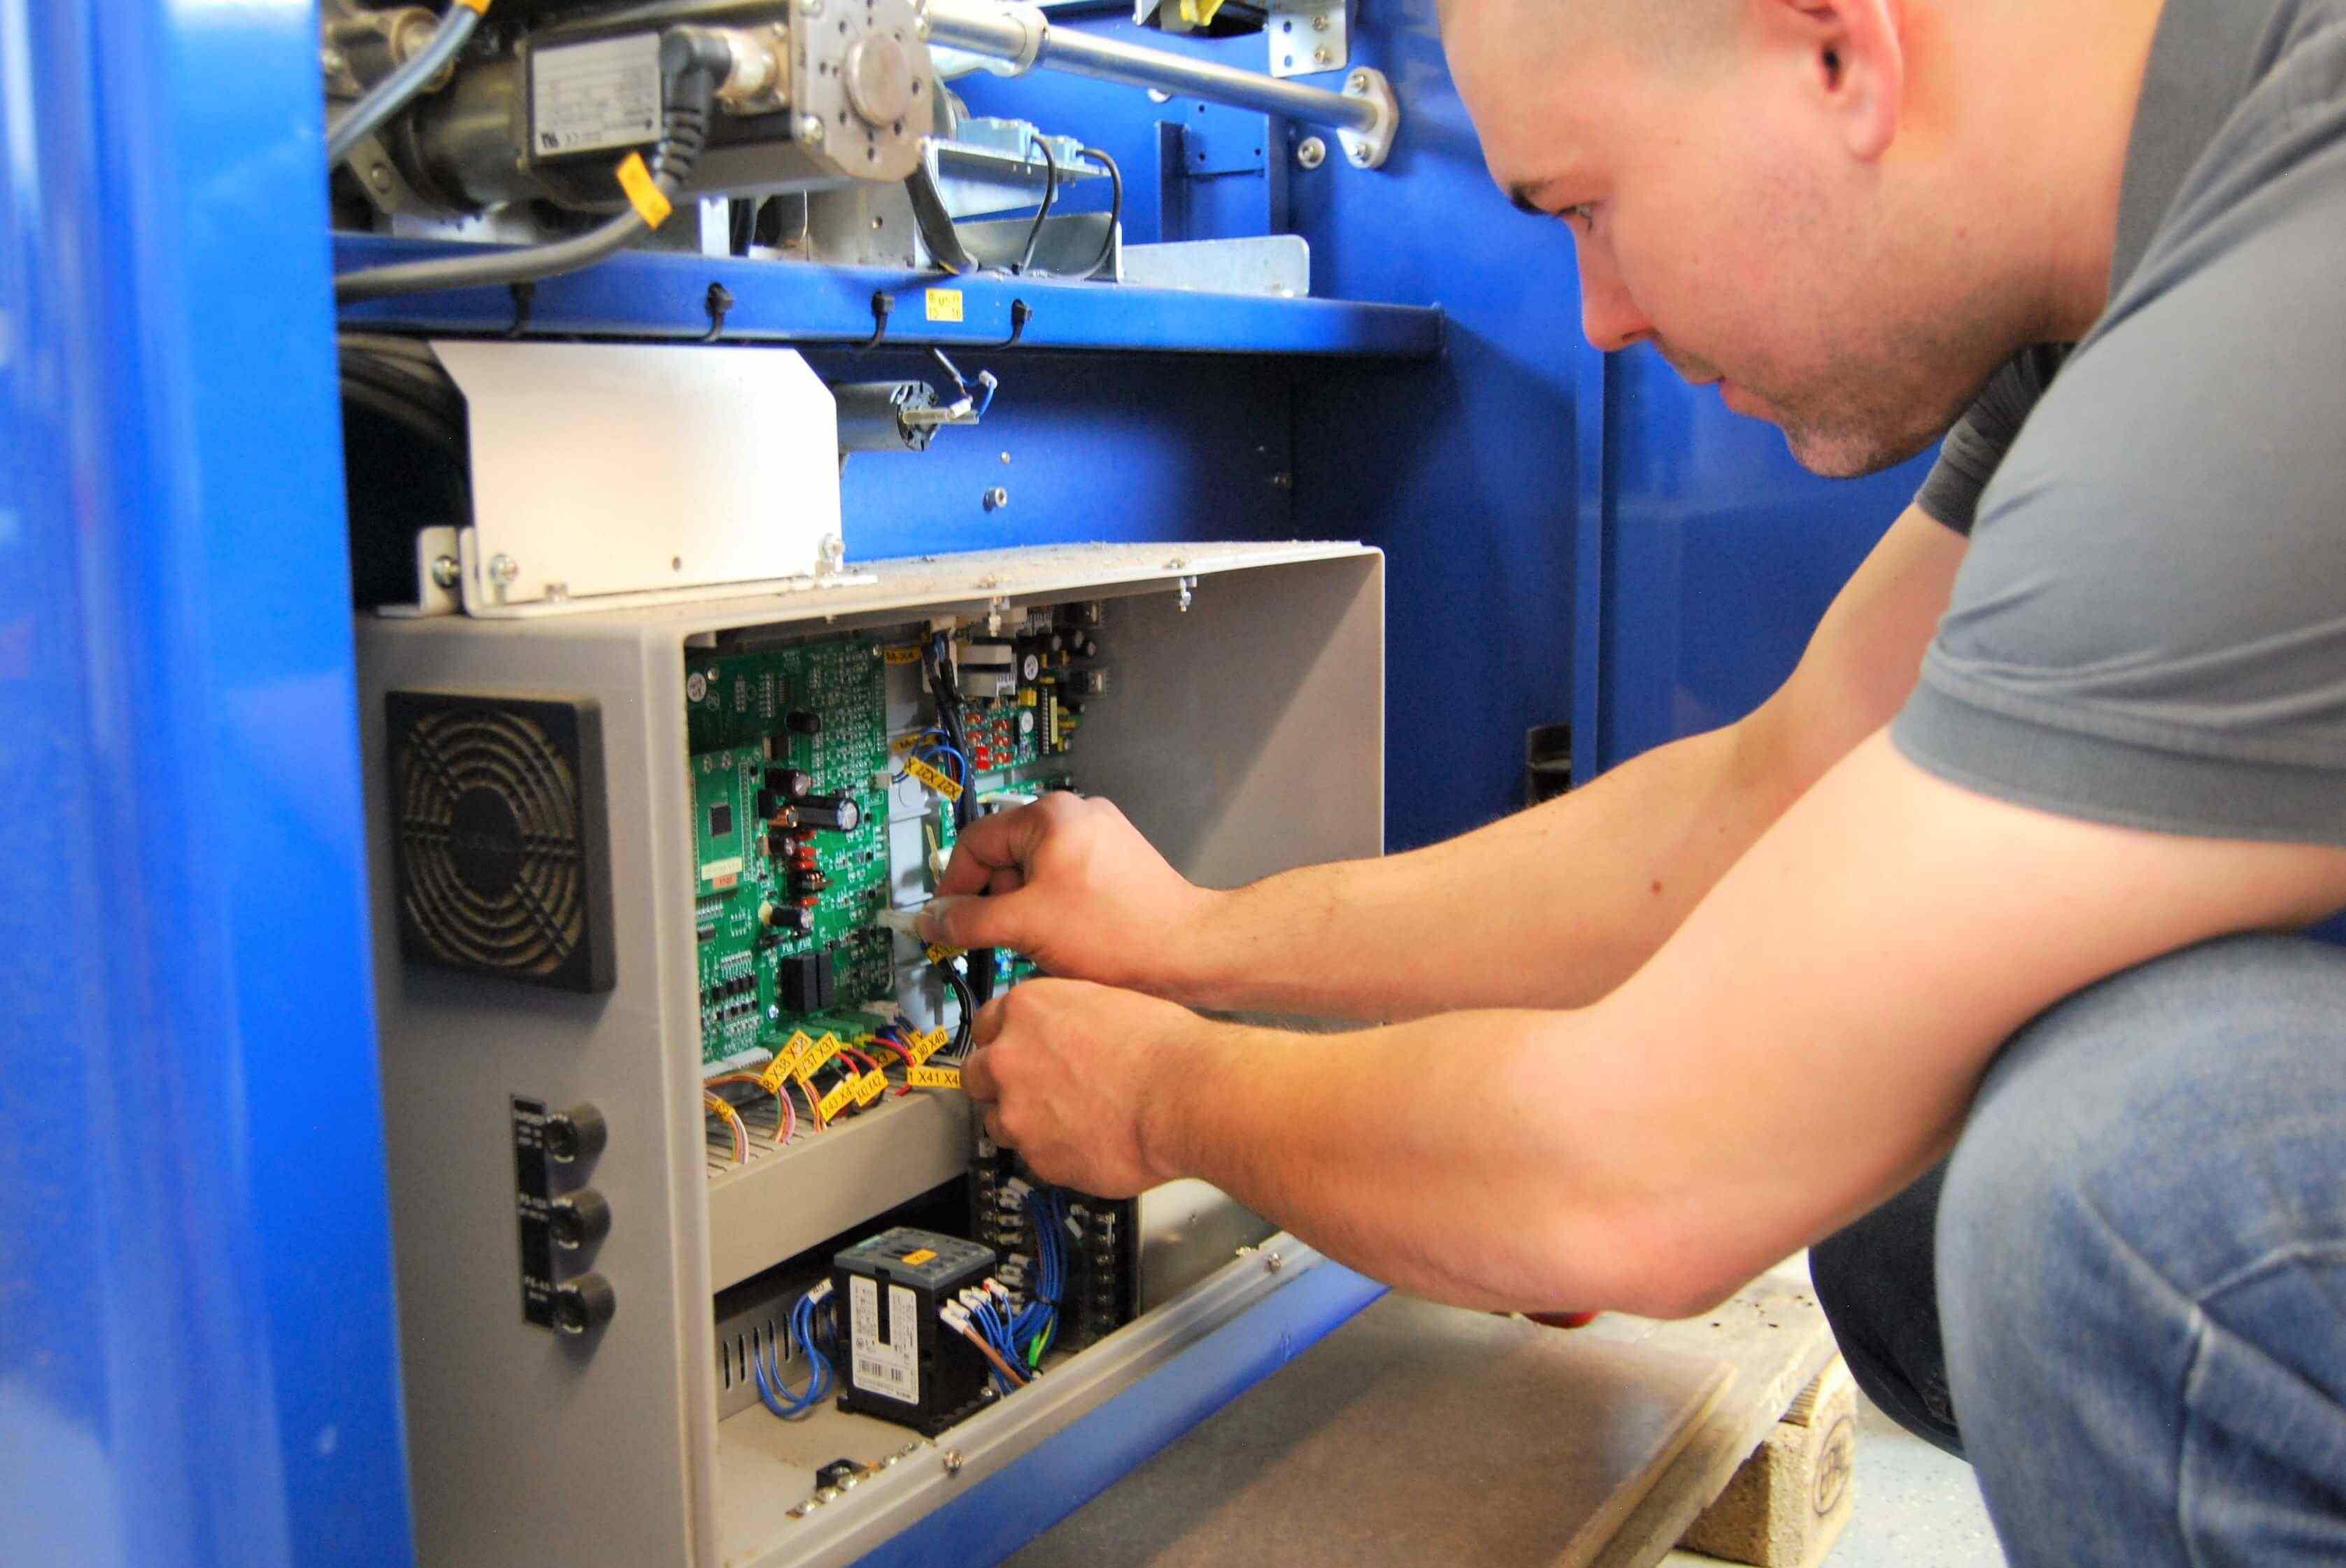 Unser technischer Service wartet und repariert Ihre Maschinen und Geräte